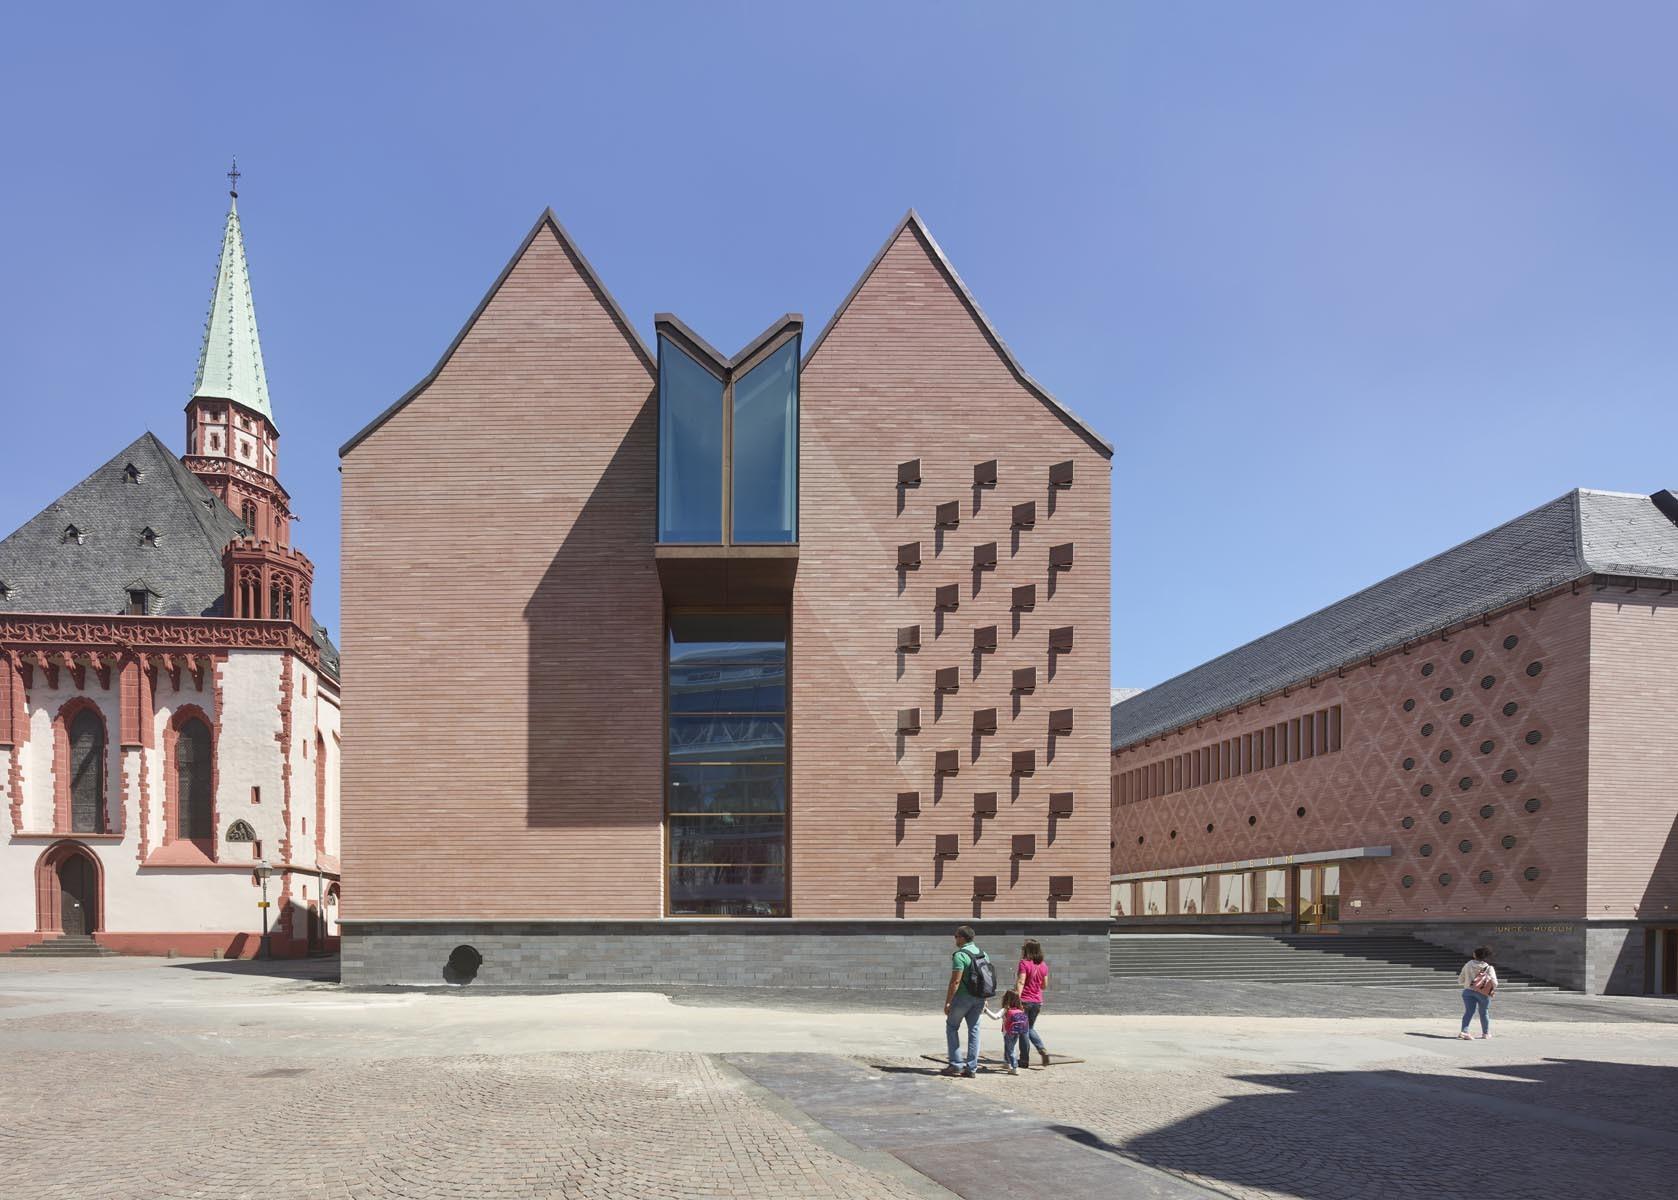 Frankfurt 39 s new historic museum by lederer ragnarsdottir for Design museum frankfurt